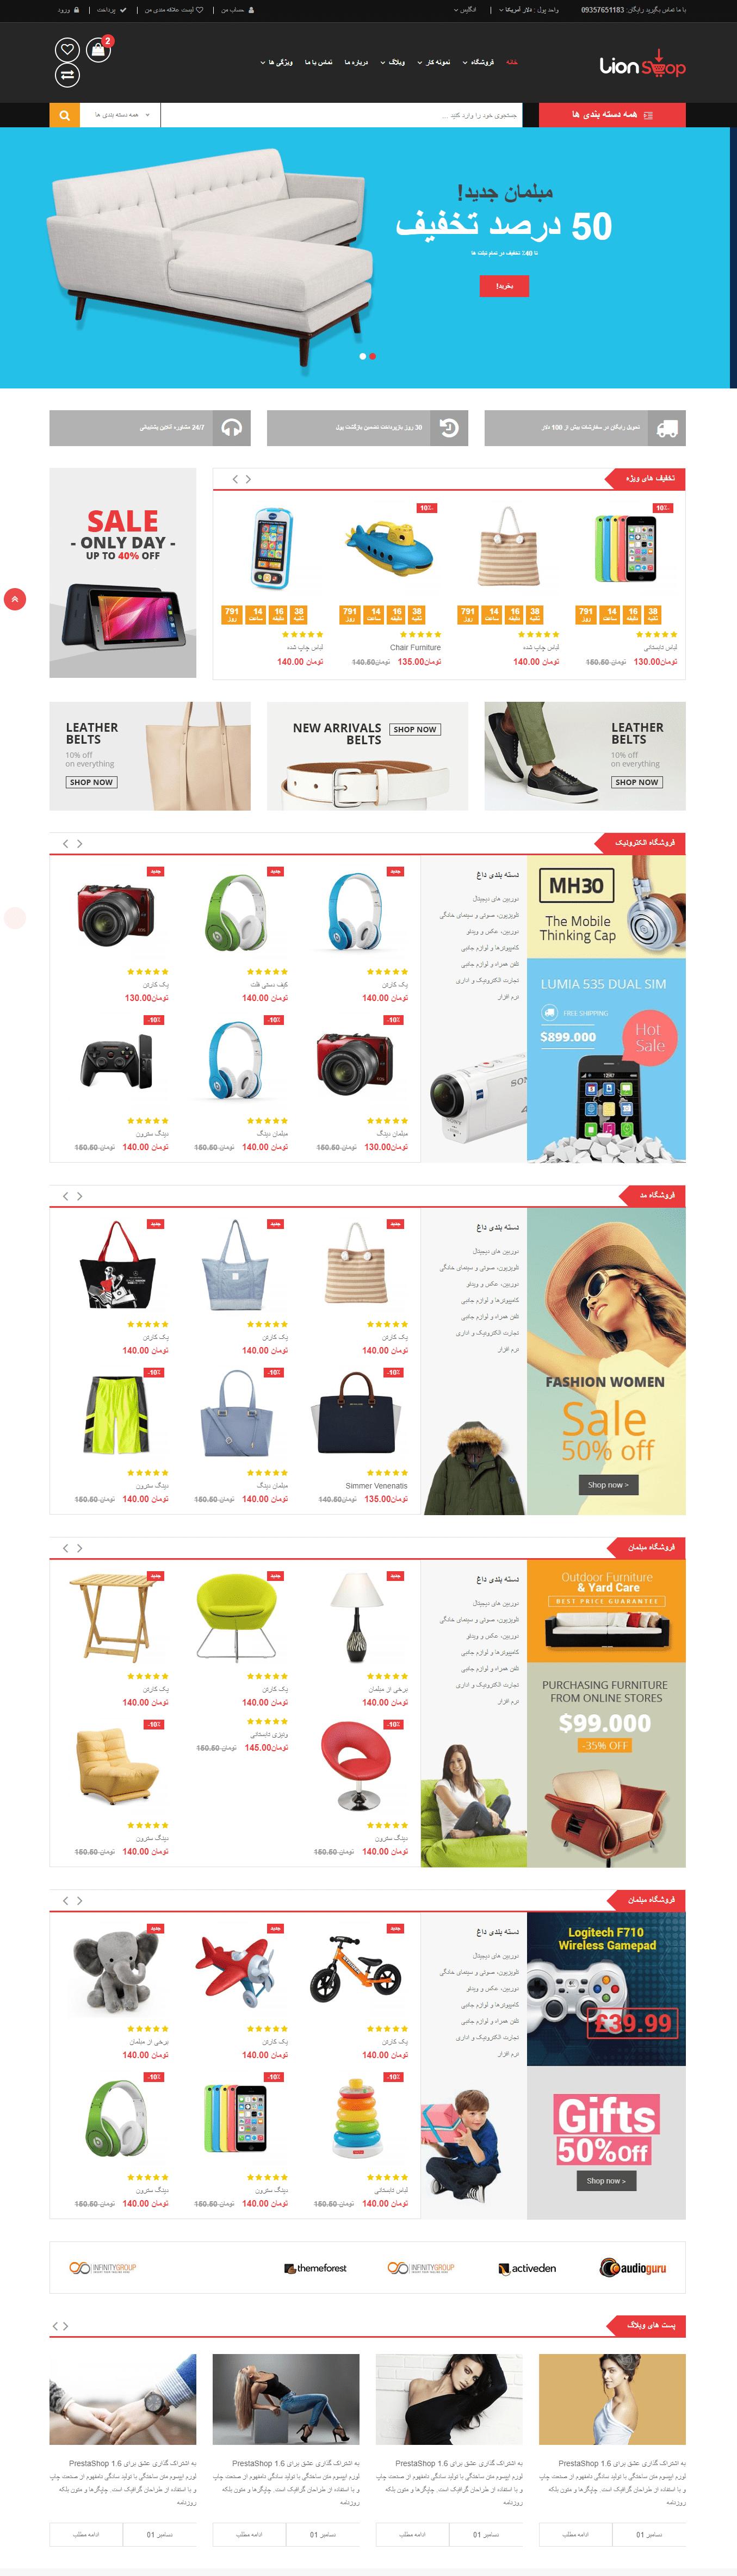 قالب HTML لیون پوسته حرفه ای فروشگاهی | قالب فروشگاهی Lion